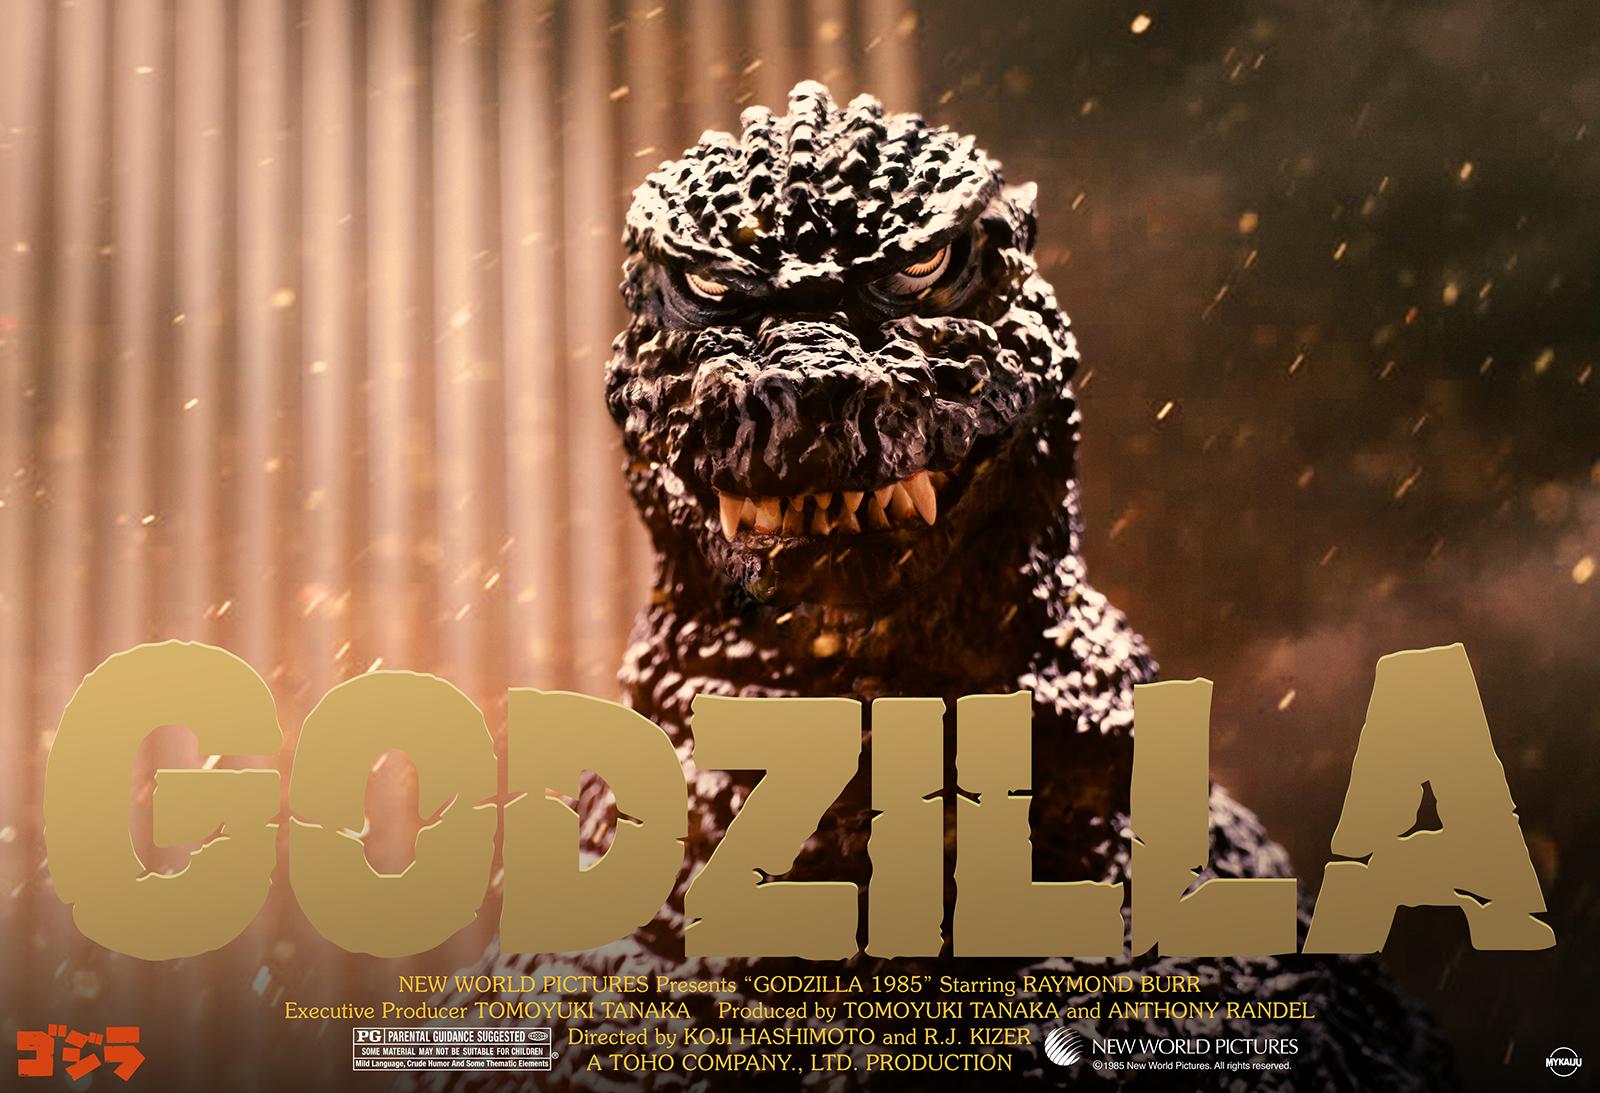 X-Plus Yuji Sakai Godzilla 1984